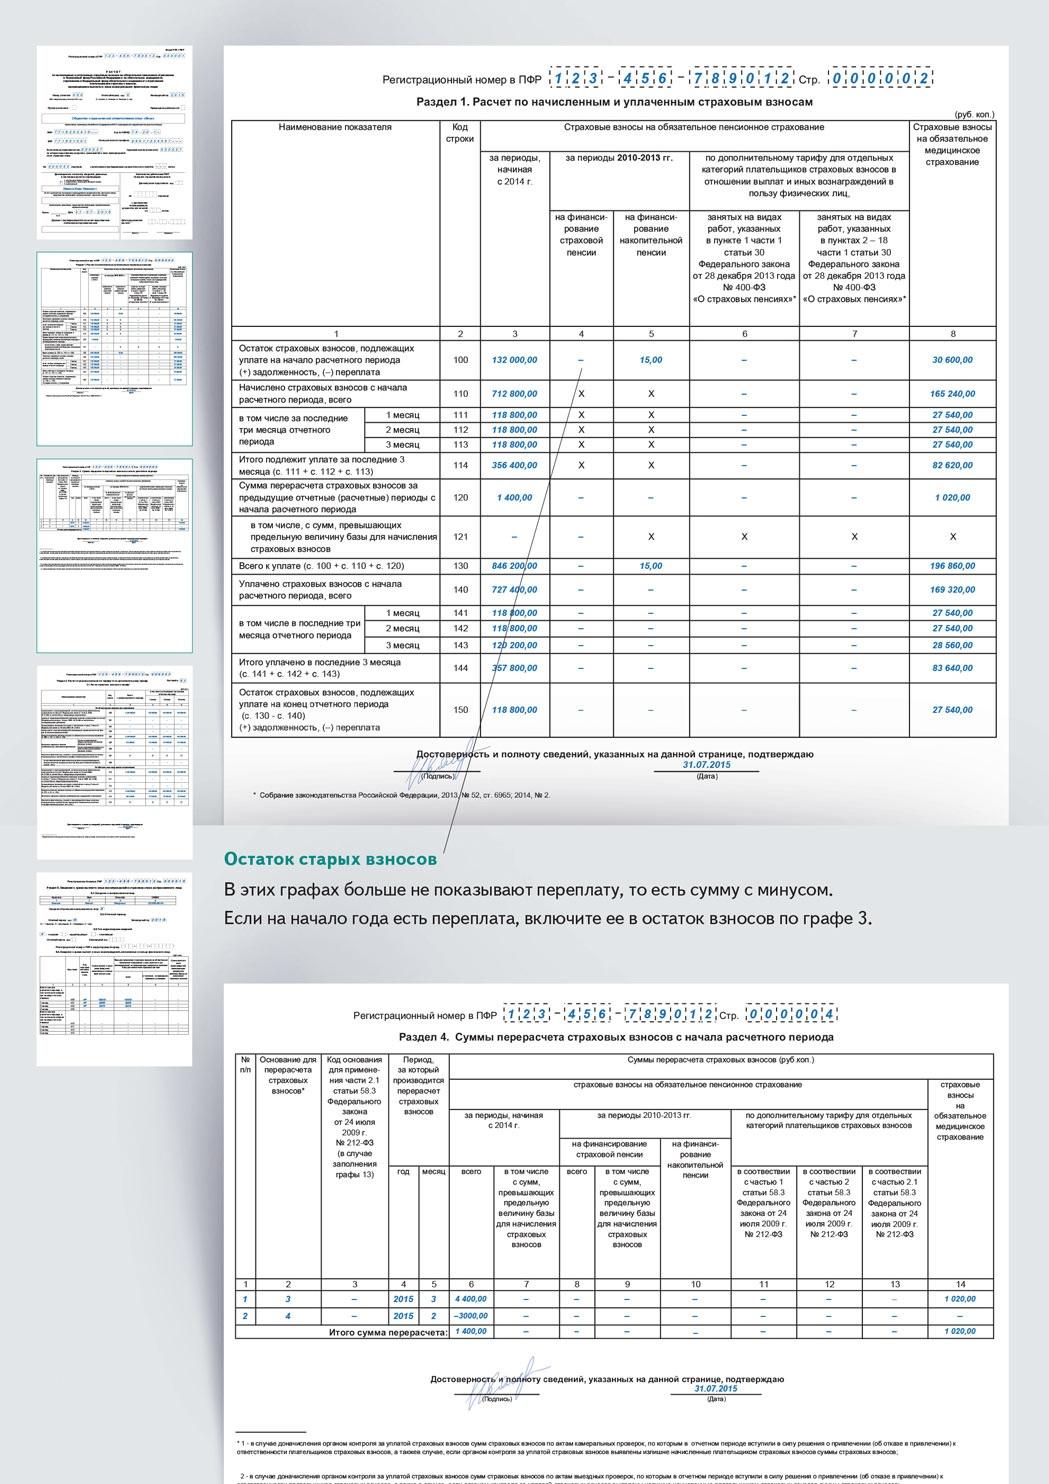 Заполнение Формы Рсв-1 За 1 Квартал 2015 Инструкция По Заполнению